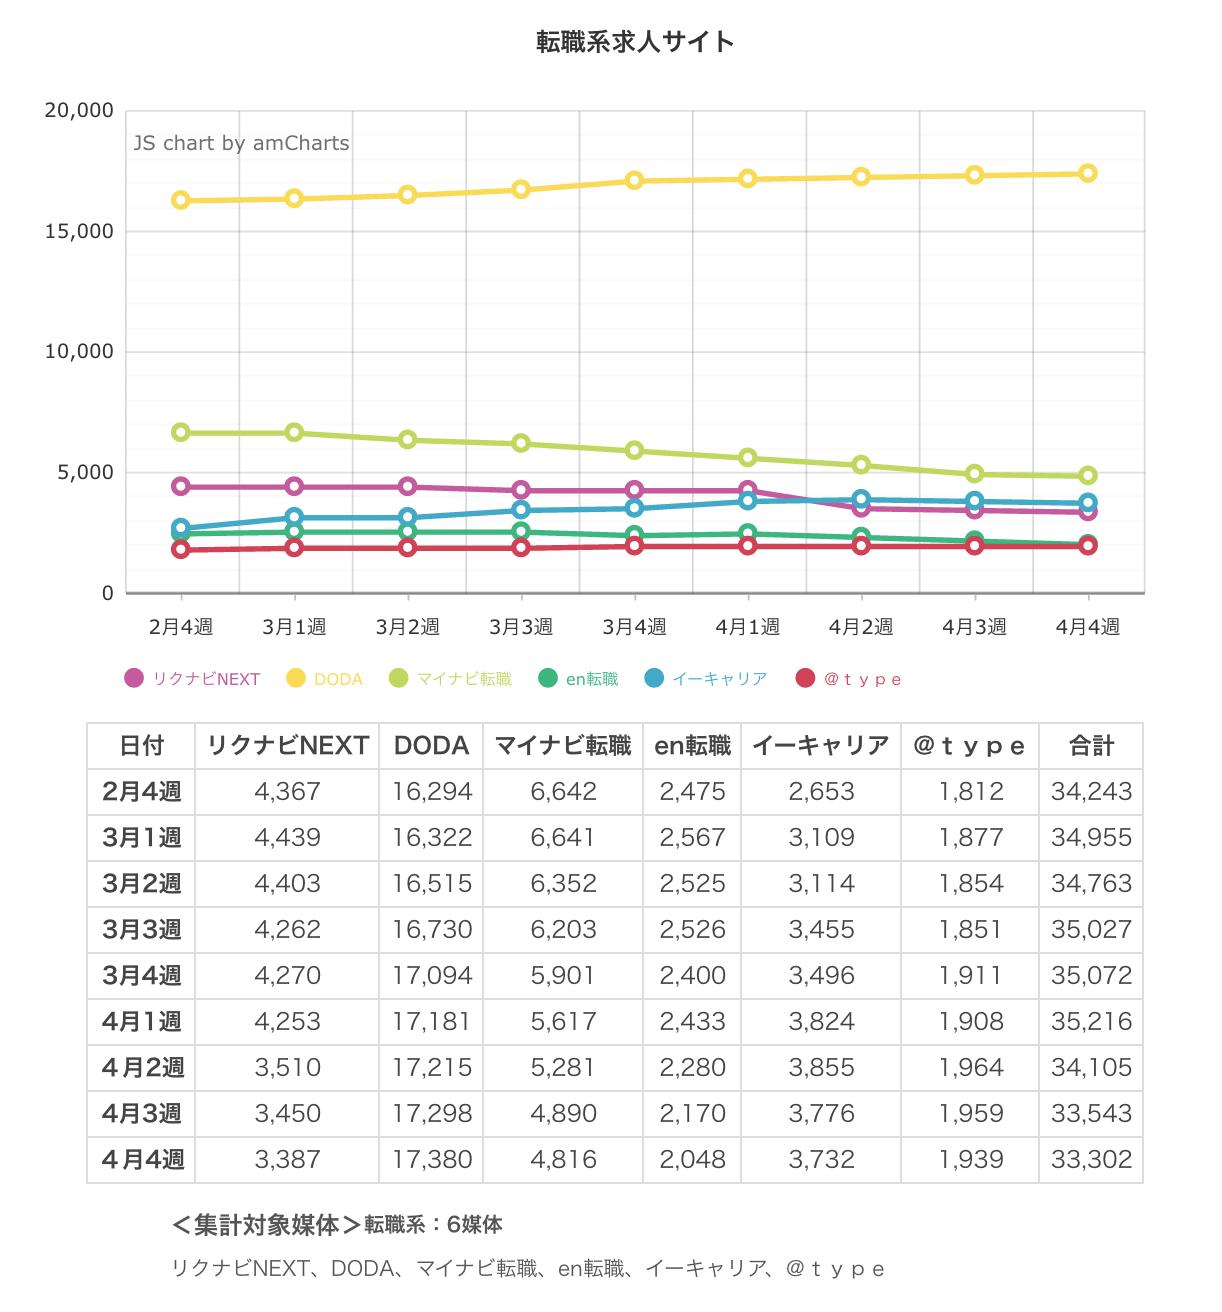 ウィークリー求人サイト掲載件数速報 2015年4月4週